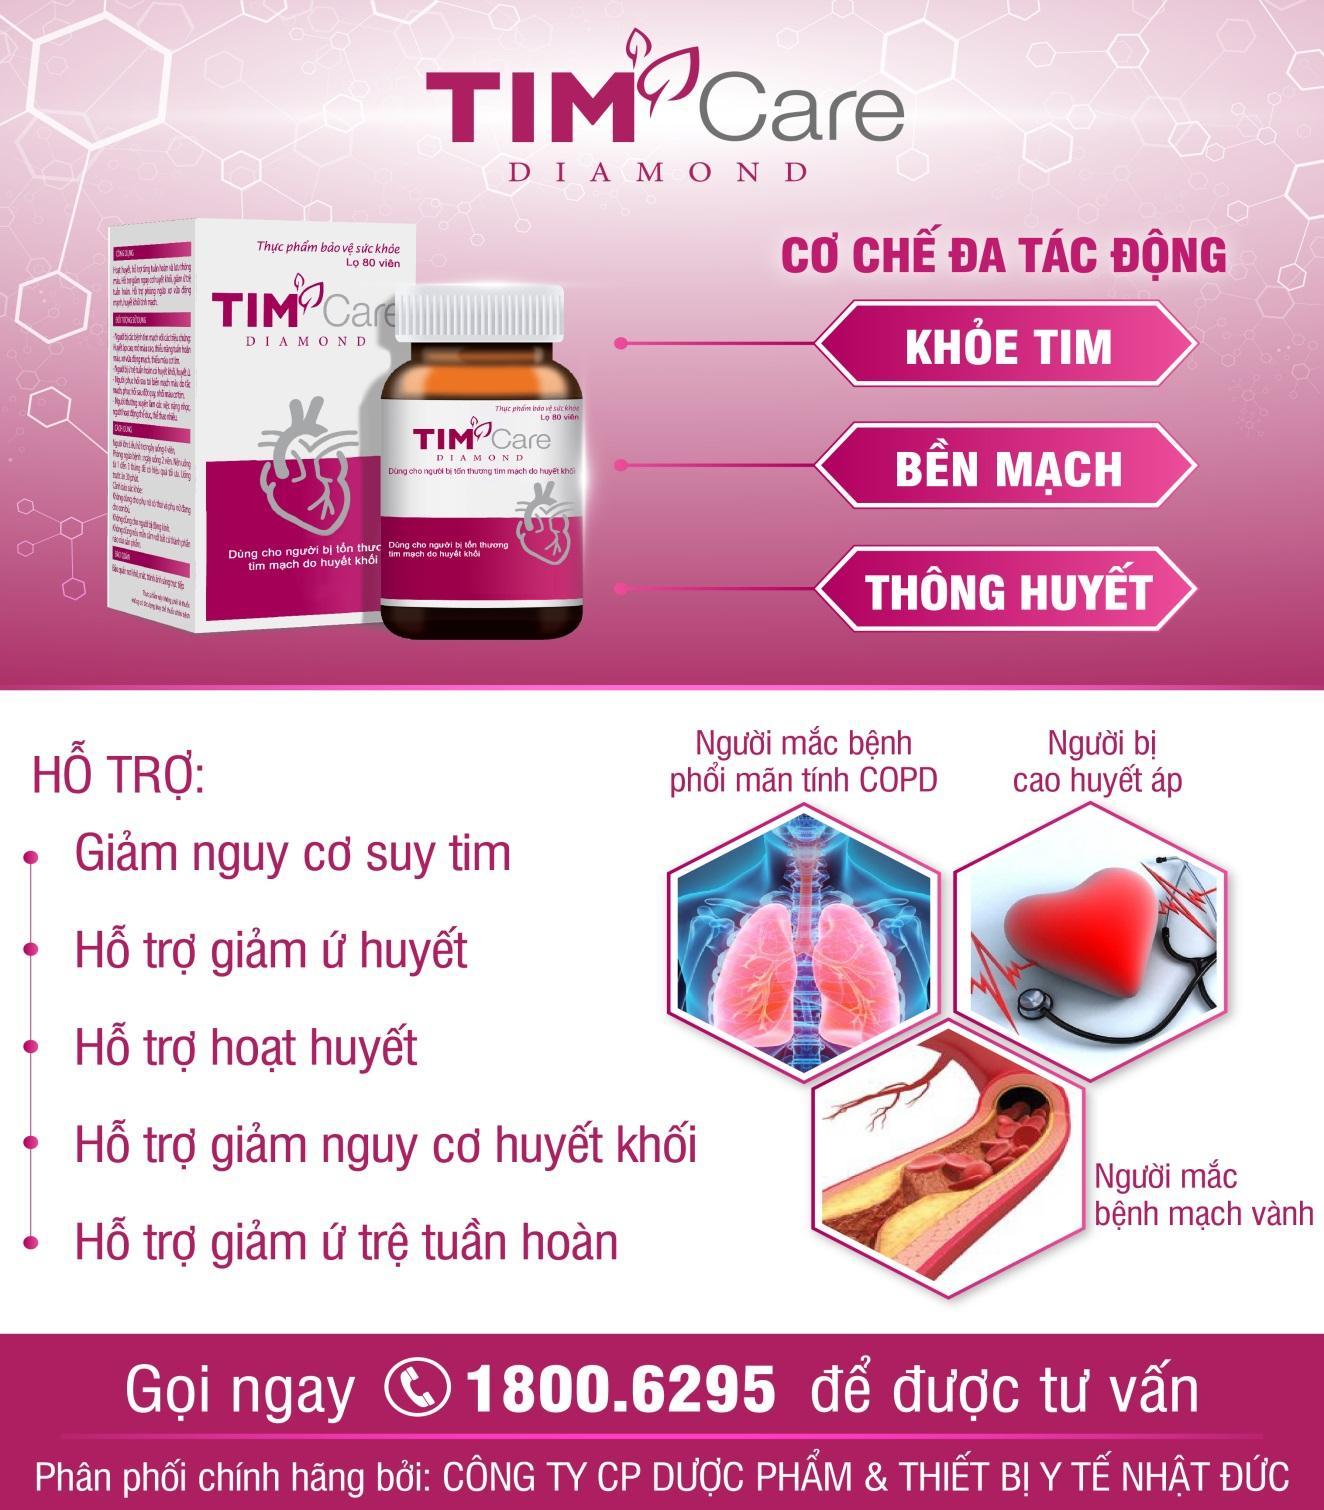 TIM Care Diamond sử dụng như thế nào, có tốt không? - Ảnh 3